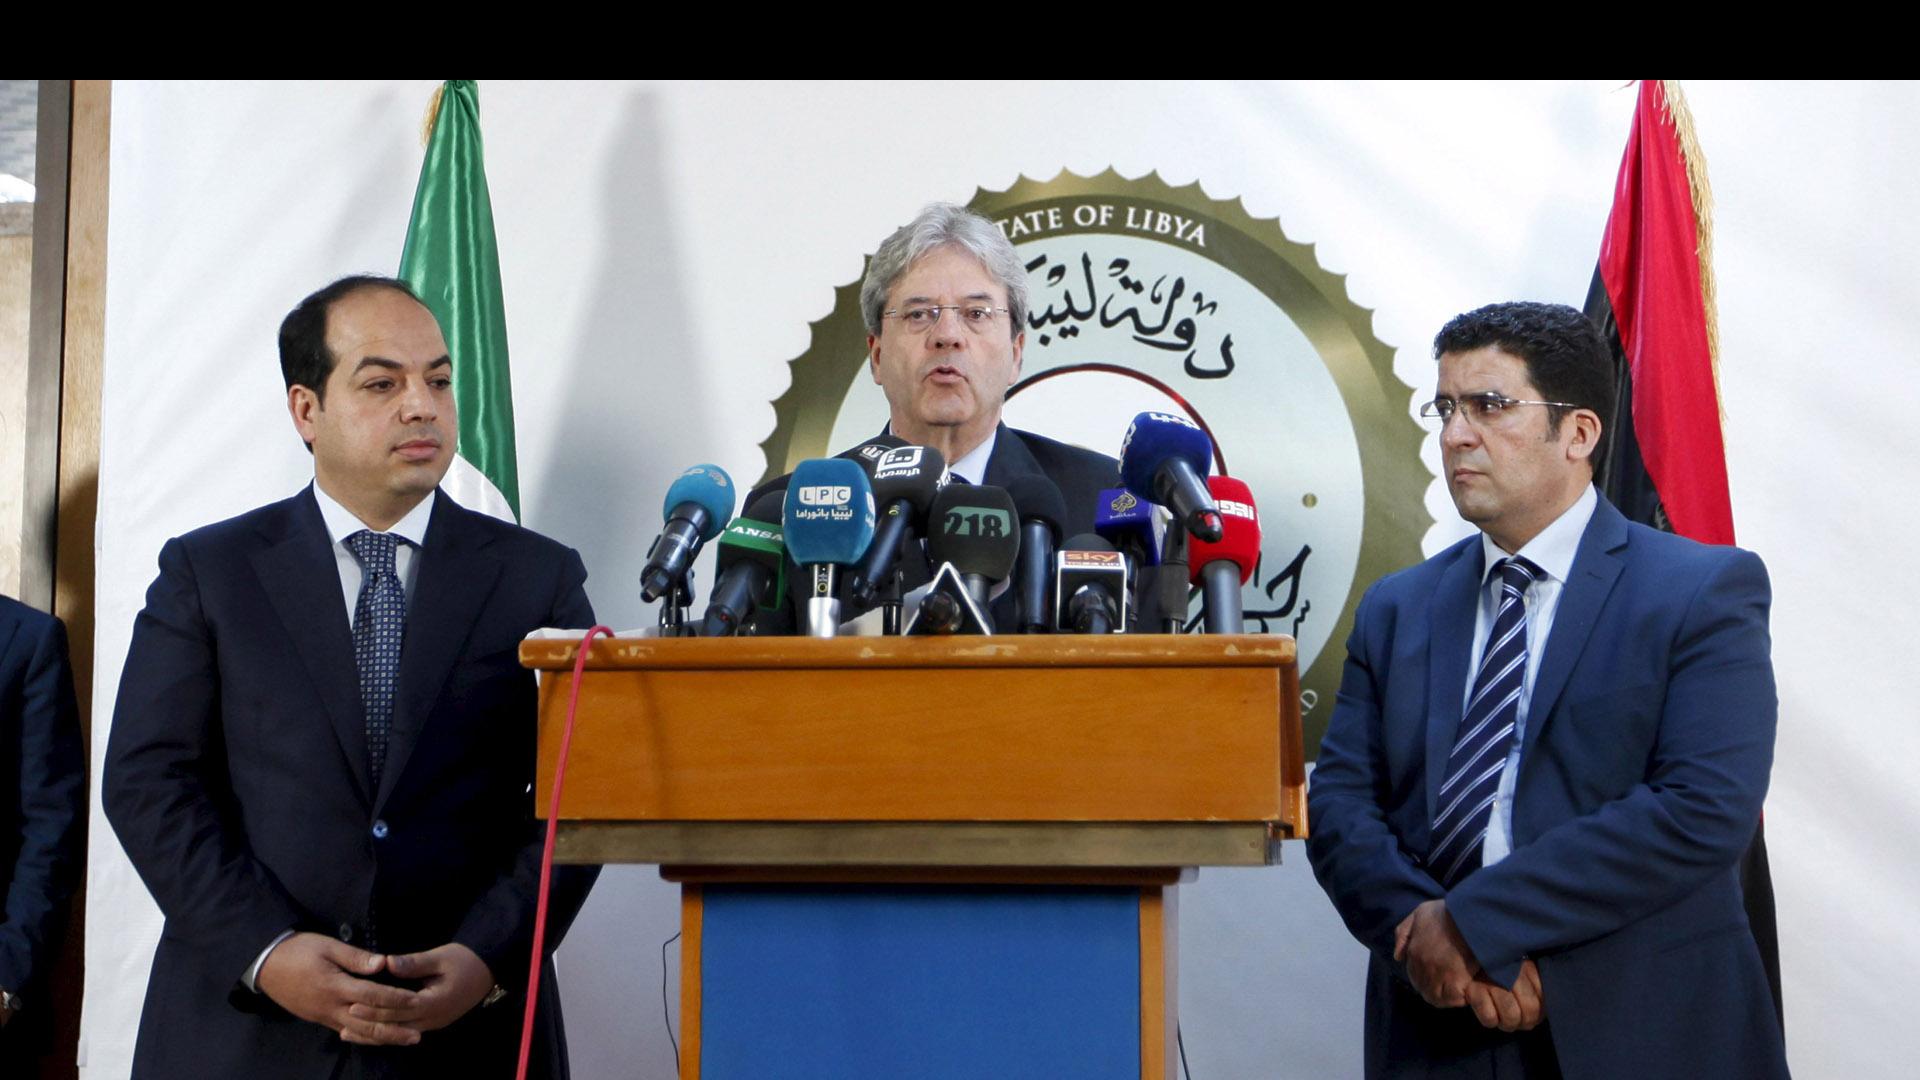 Ministro de Exteriores visitó Trípoli para respaldar al nuevo Gobierno de unidad y exhortarlo a encabezar lucha contra el EI